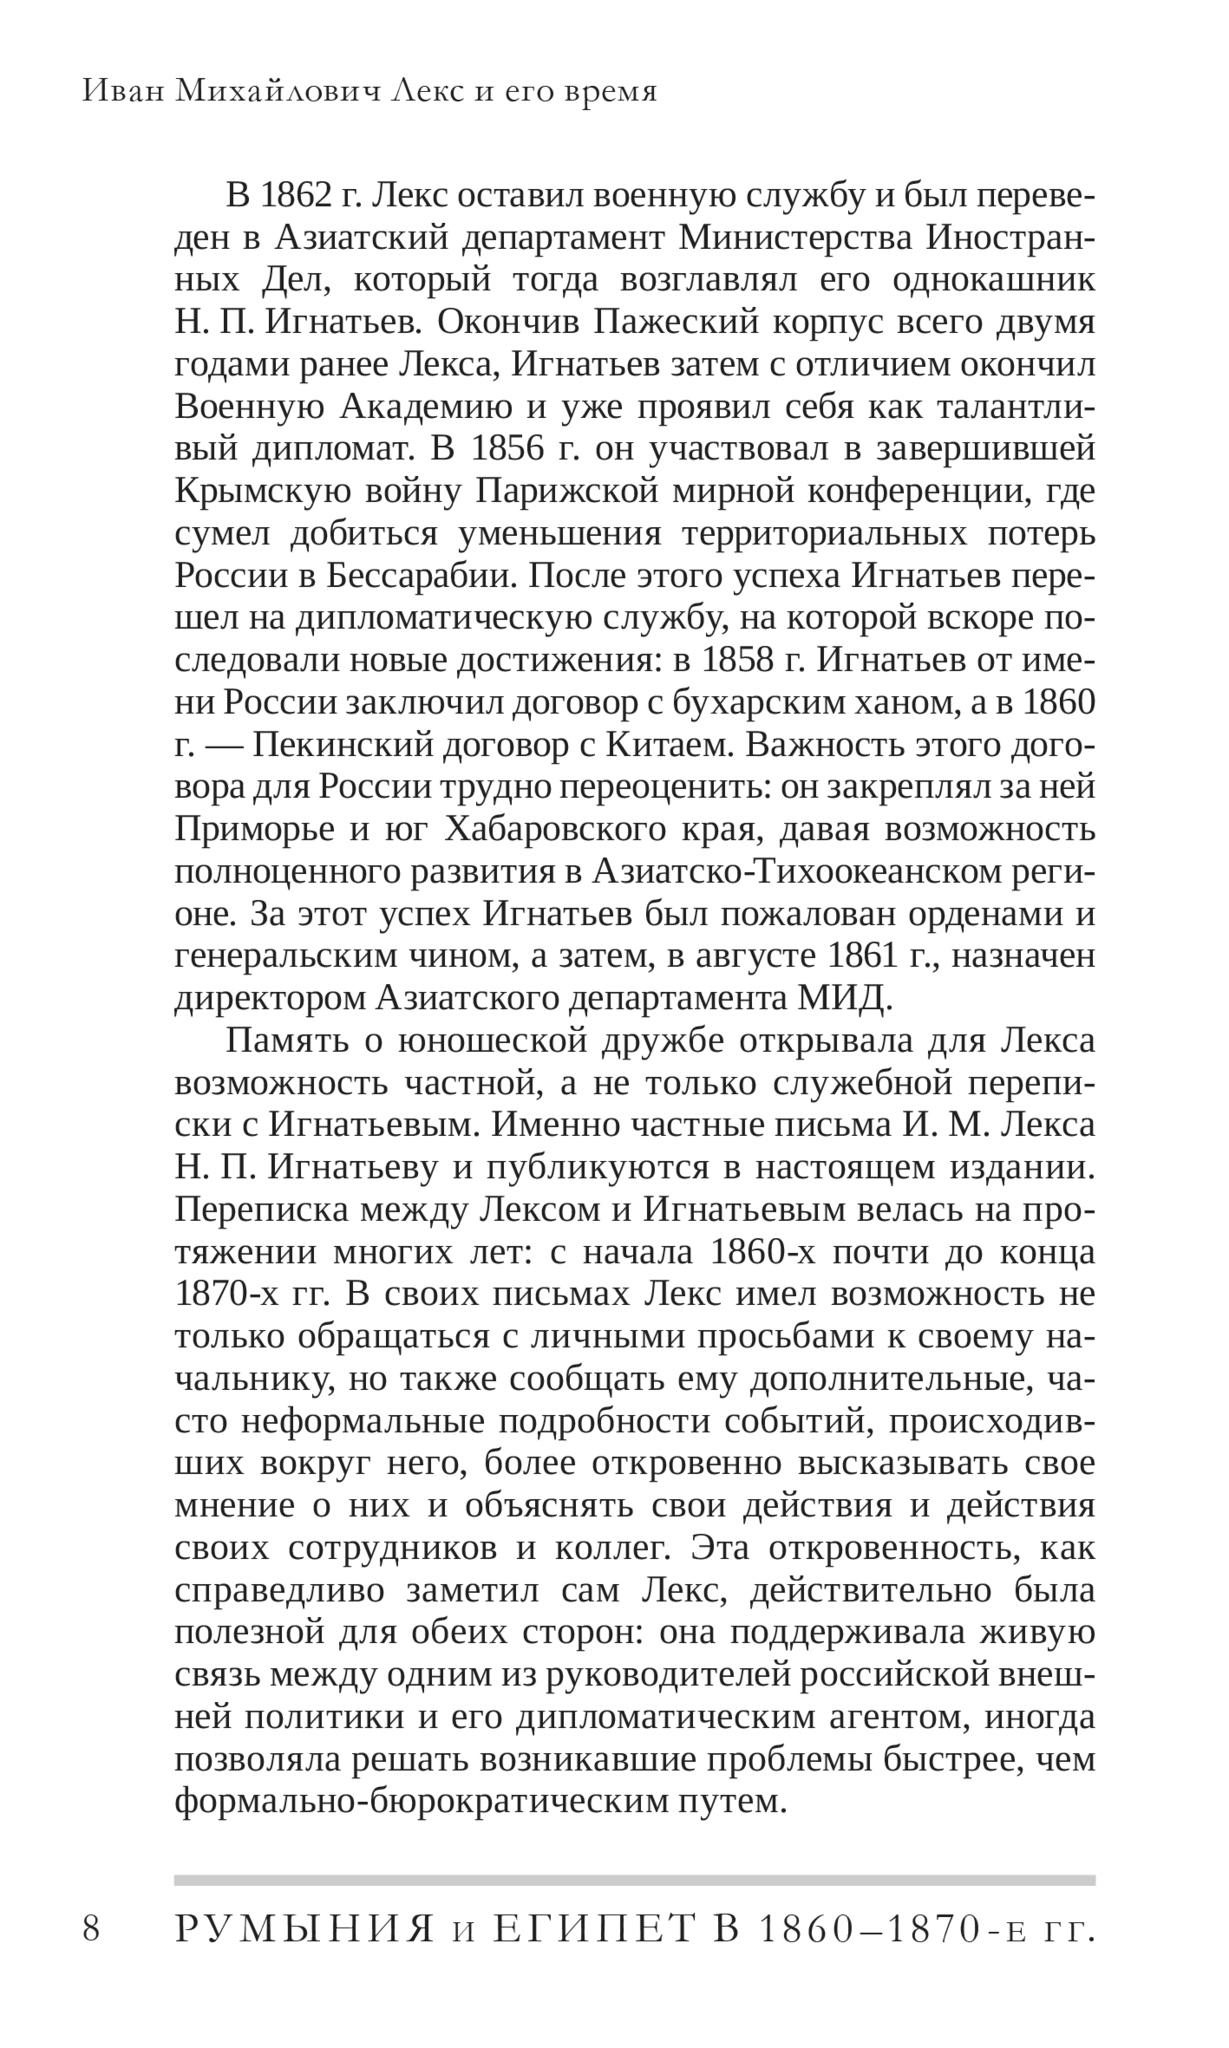 Румыния и Египет в 1860–1870-е гг. Письма российского дипломата И. М. Лекса к Н. П. Игнатьеву.Копировать товар с. 8